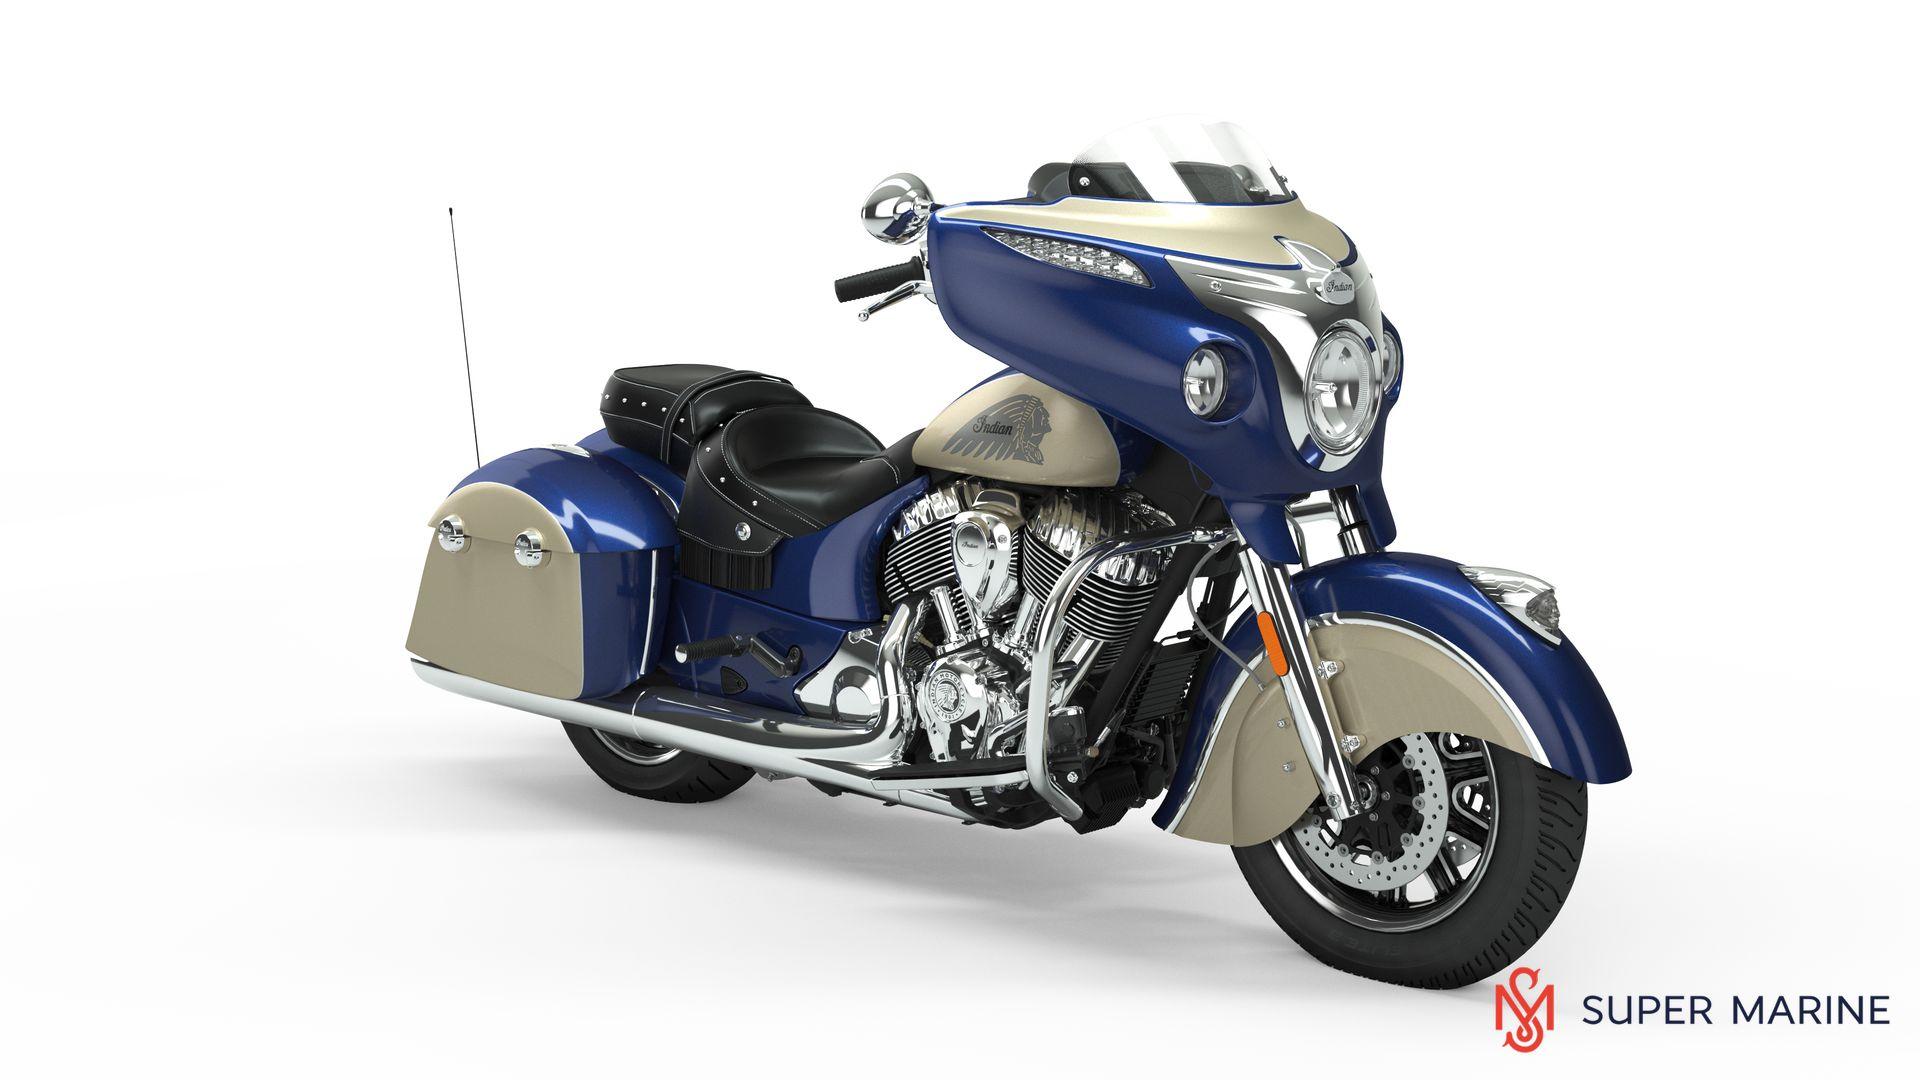 Мотоцикл Indian Chieftain Classic Deep Water Metallic / Dirt Track Tan 2019 - 1